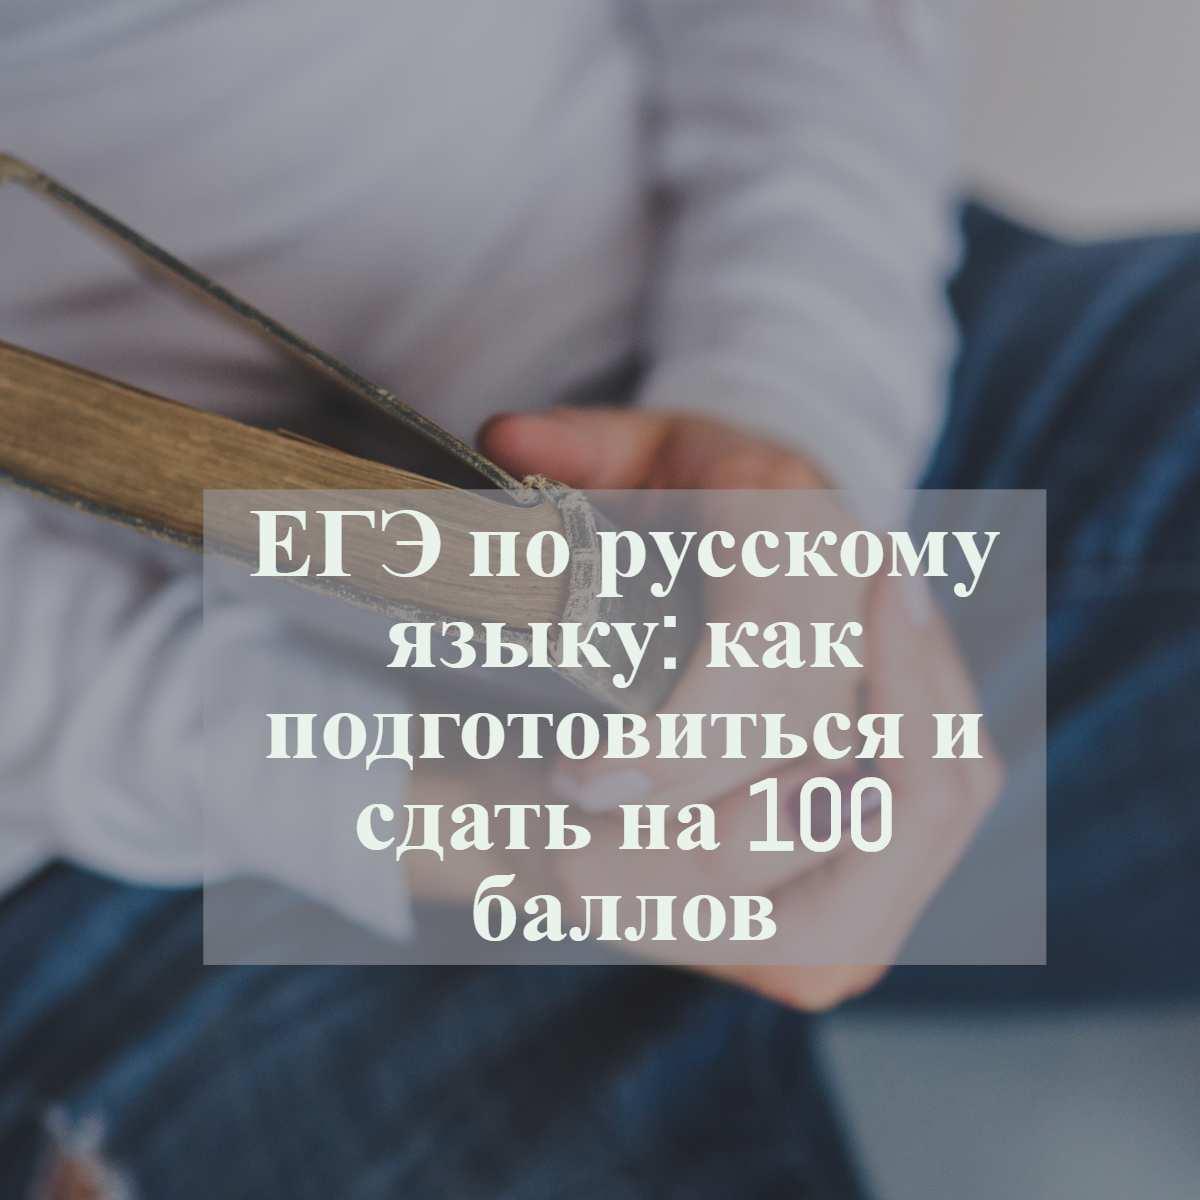 ЕГЭ по русскому языку как подготовиться